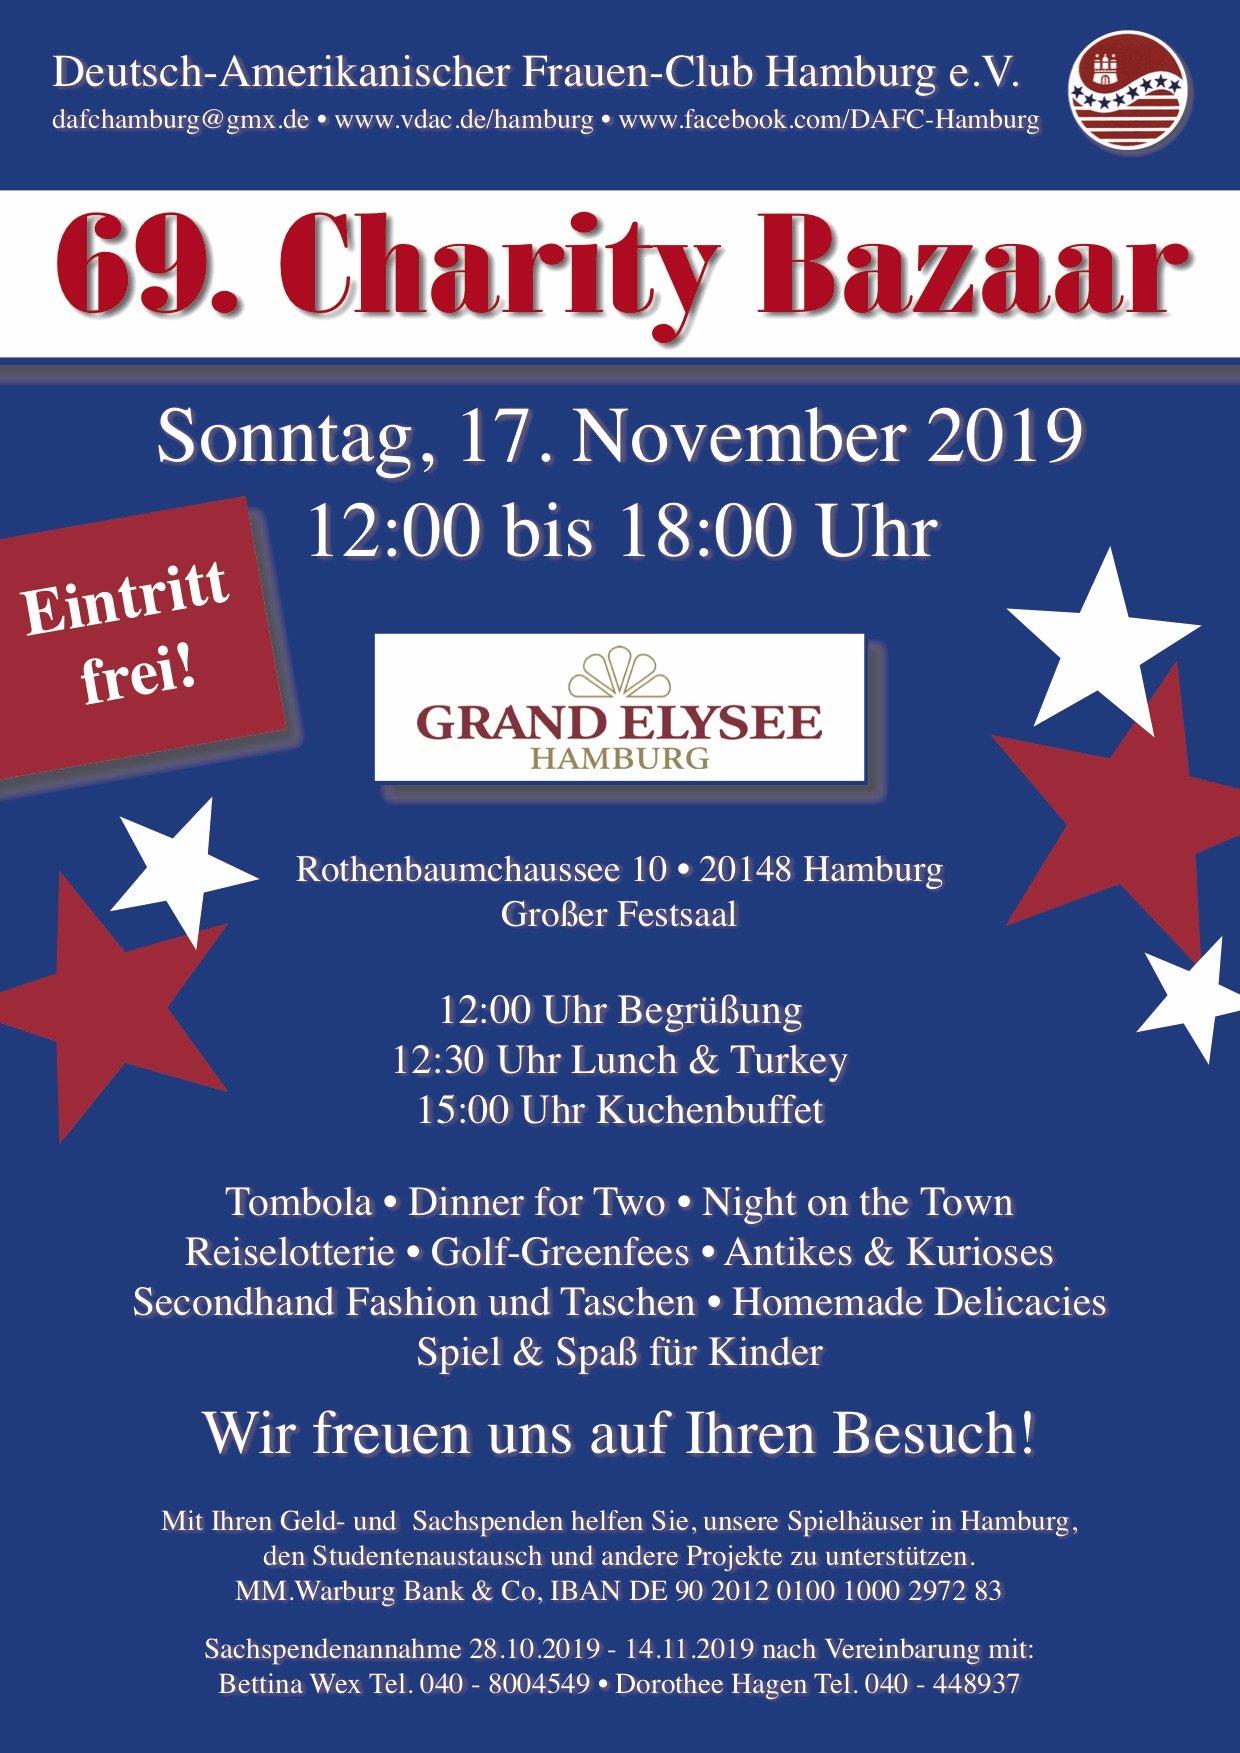 69. Charity Bazaar